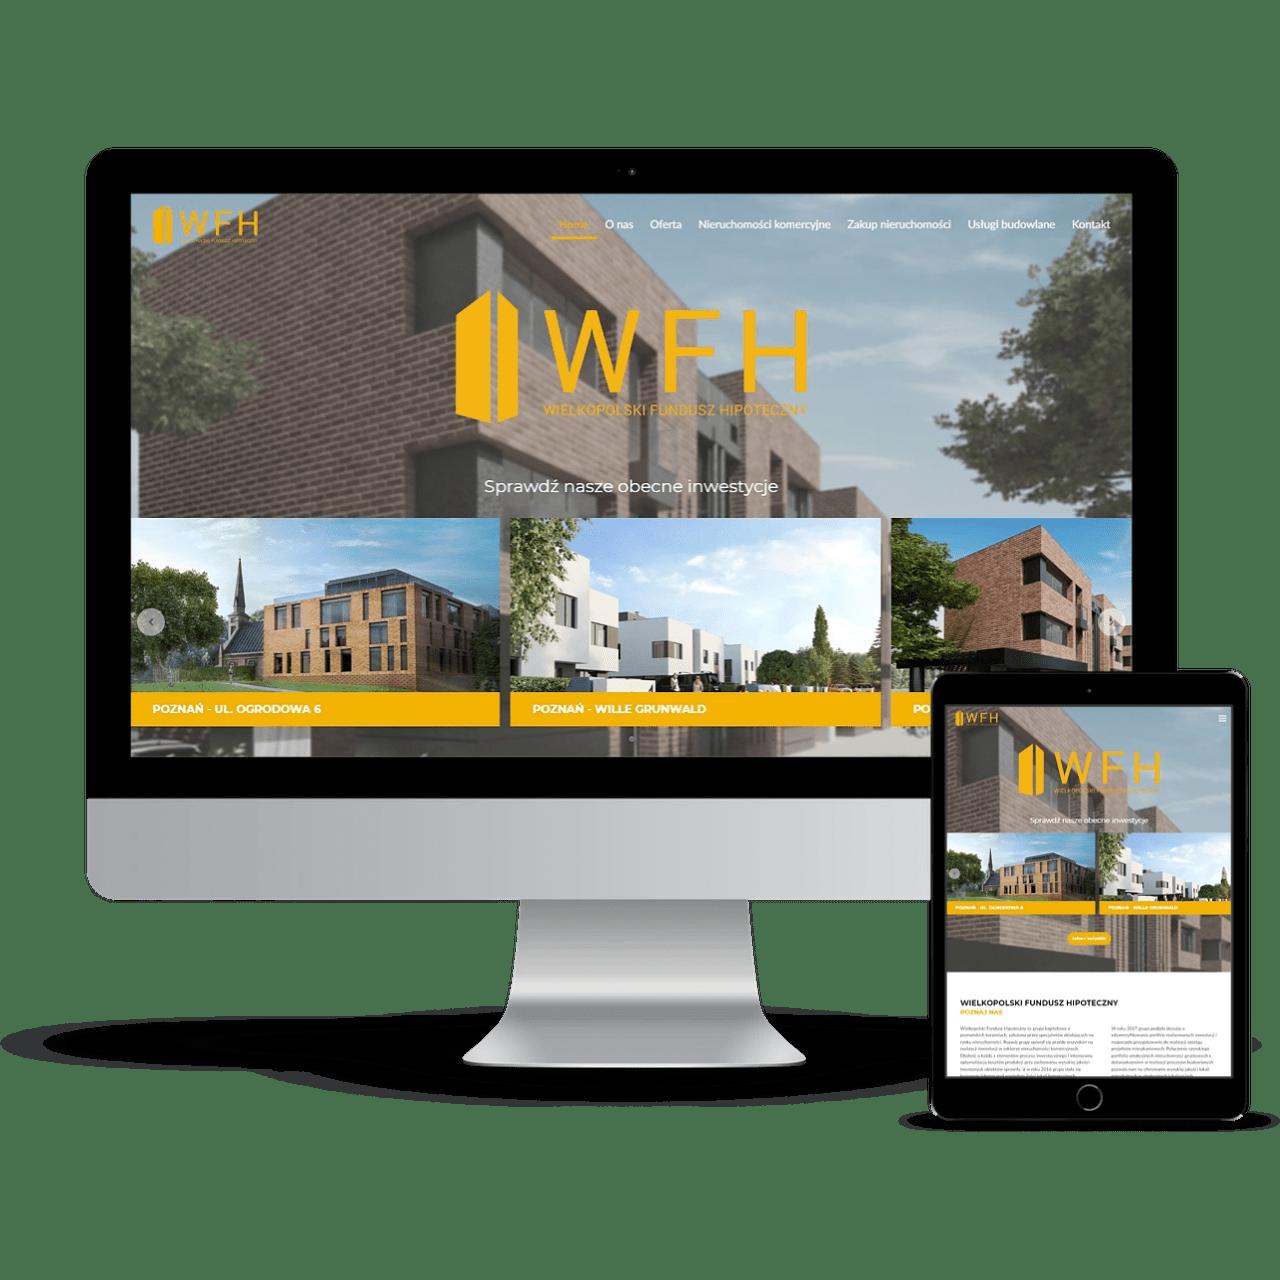 WFH website